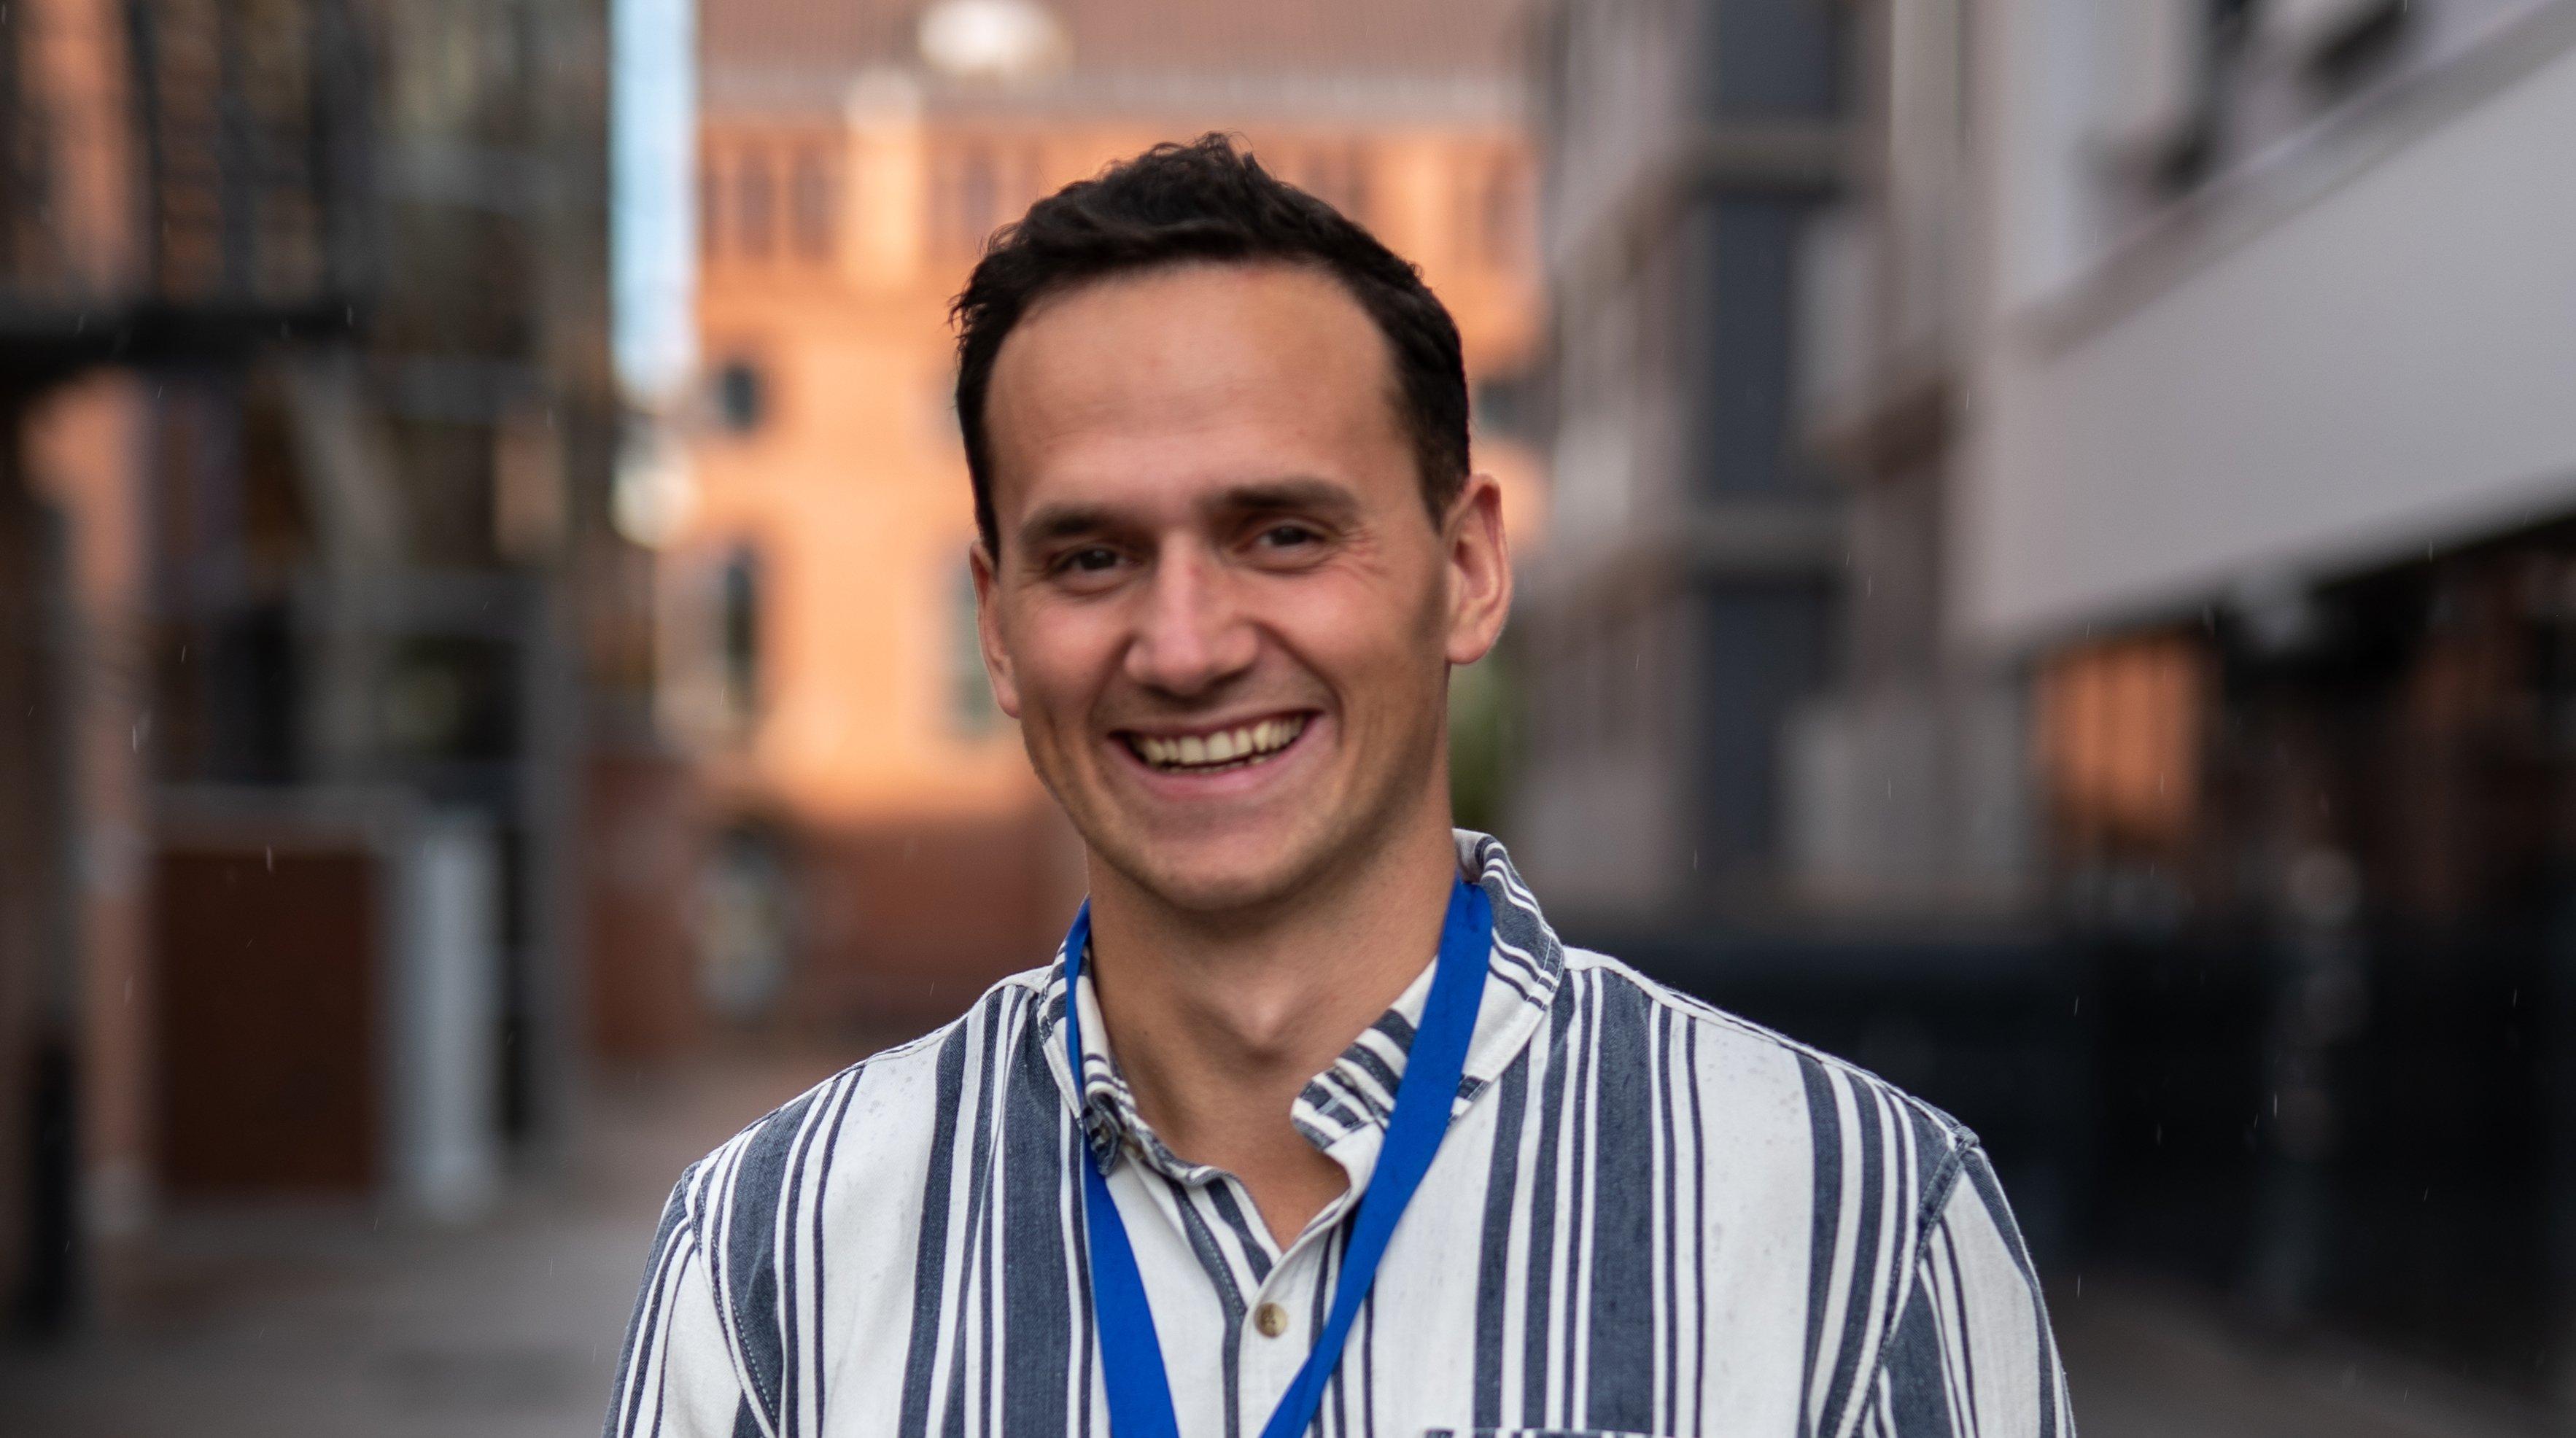 Edwin Larsen ble kåret til Norges hyggeligste rørlegger på et lukket finalearrangementet på Popsenteret i Oslo, lørdag 5. september.